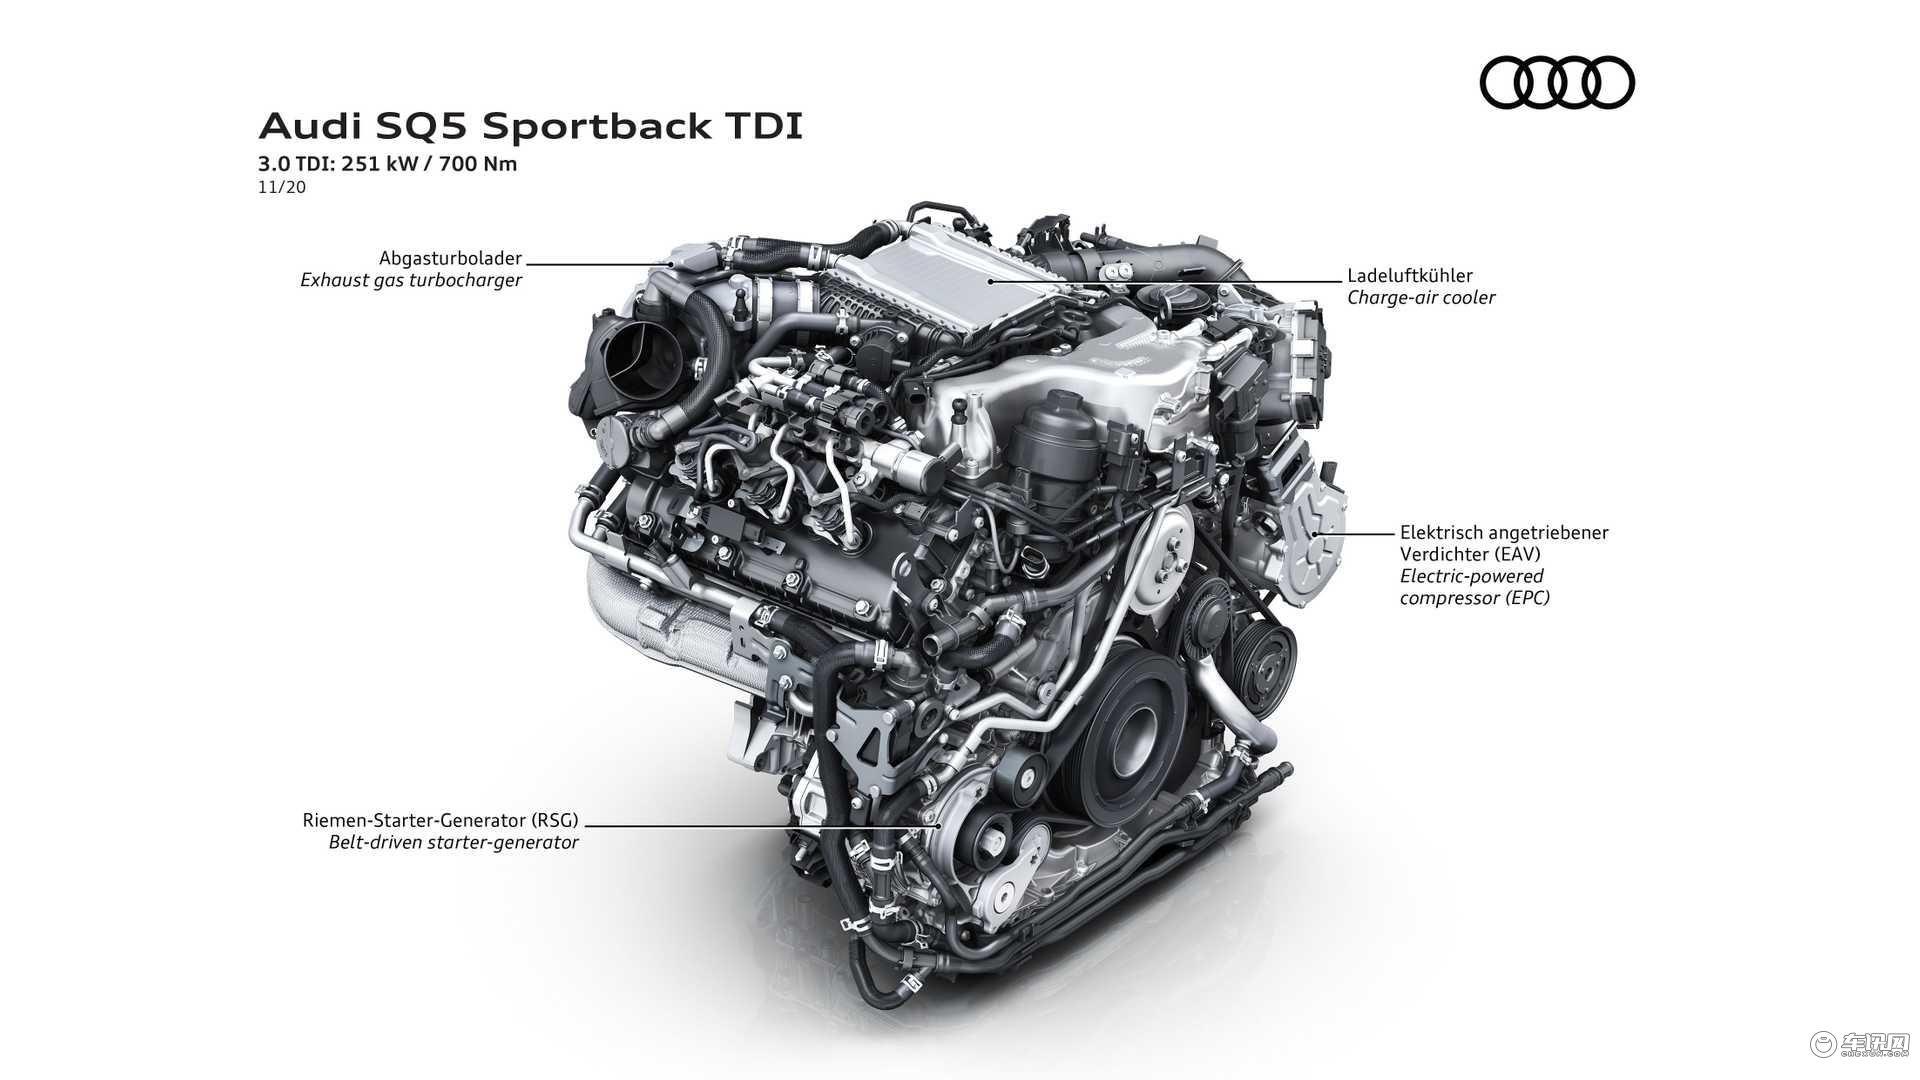 造型更运动 奥迪SQ5 Sportback TDI官图曝光